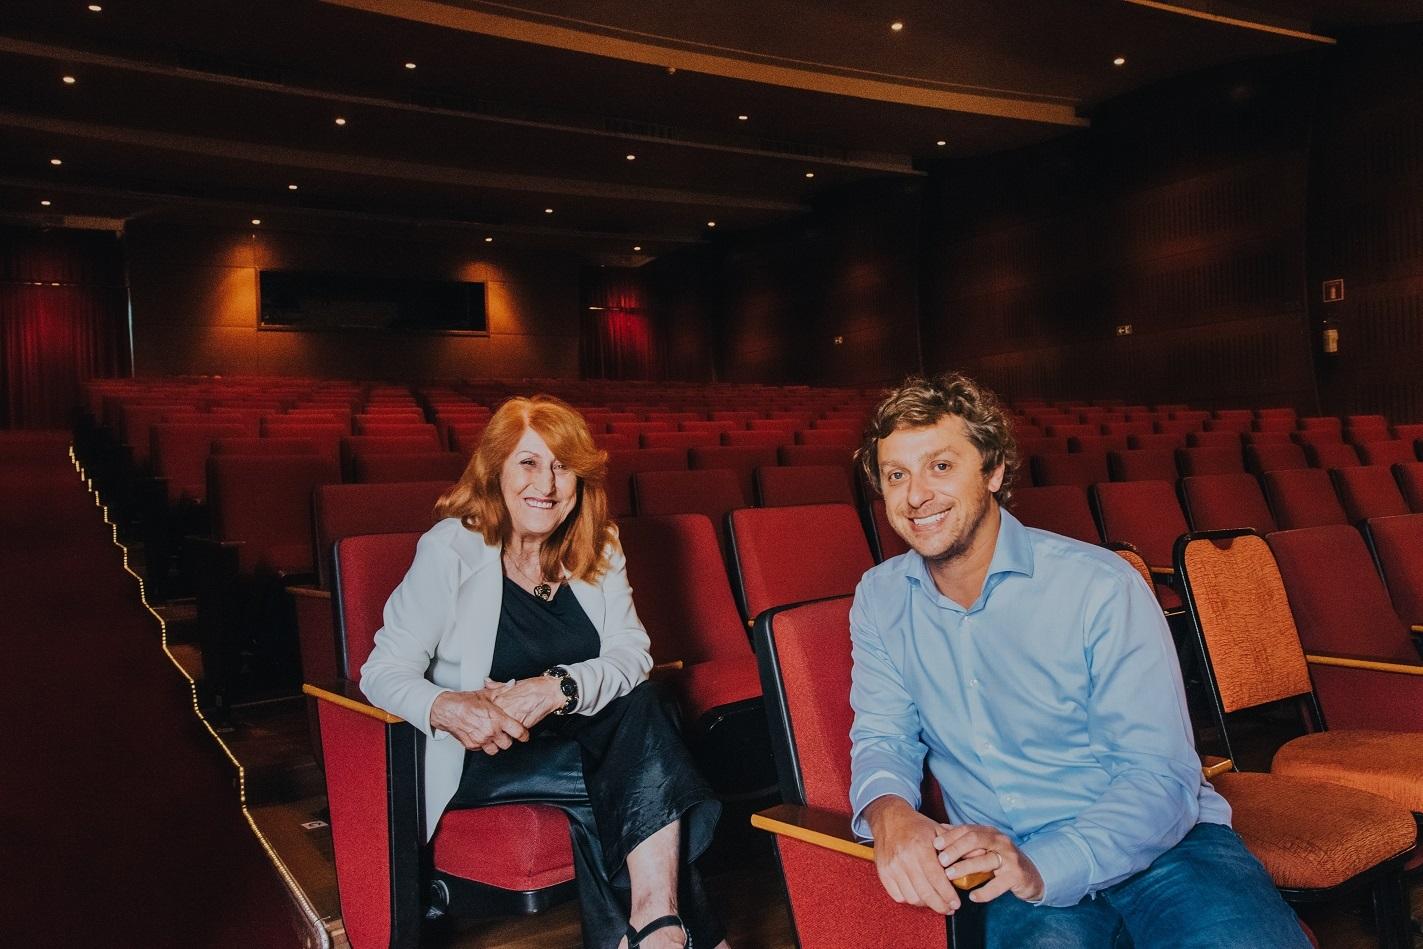 Teatro Regina Vogue muda de nome